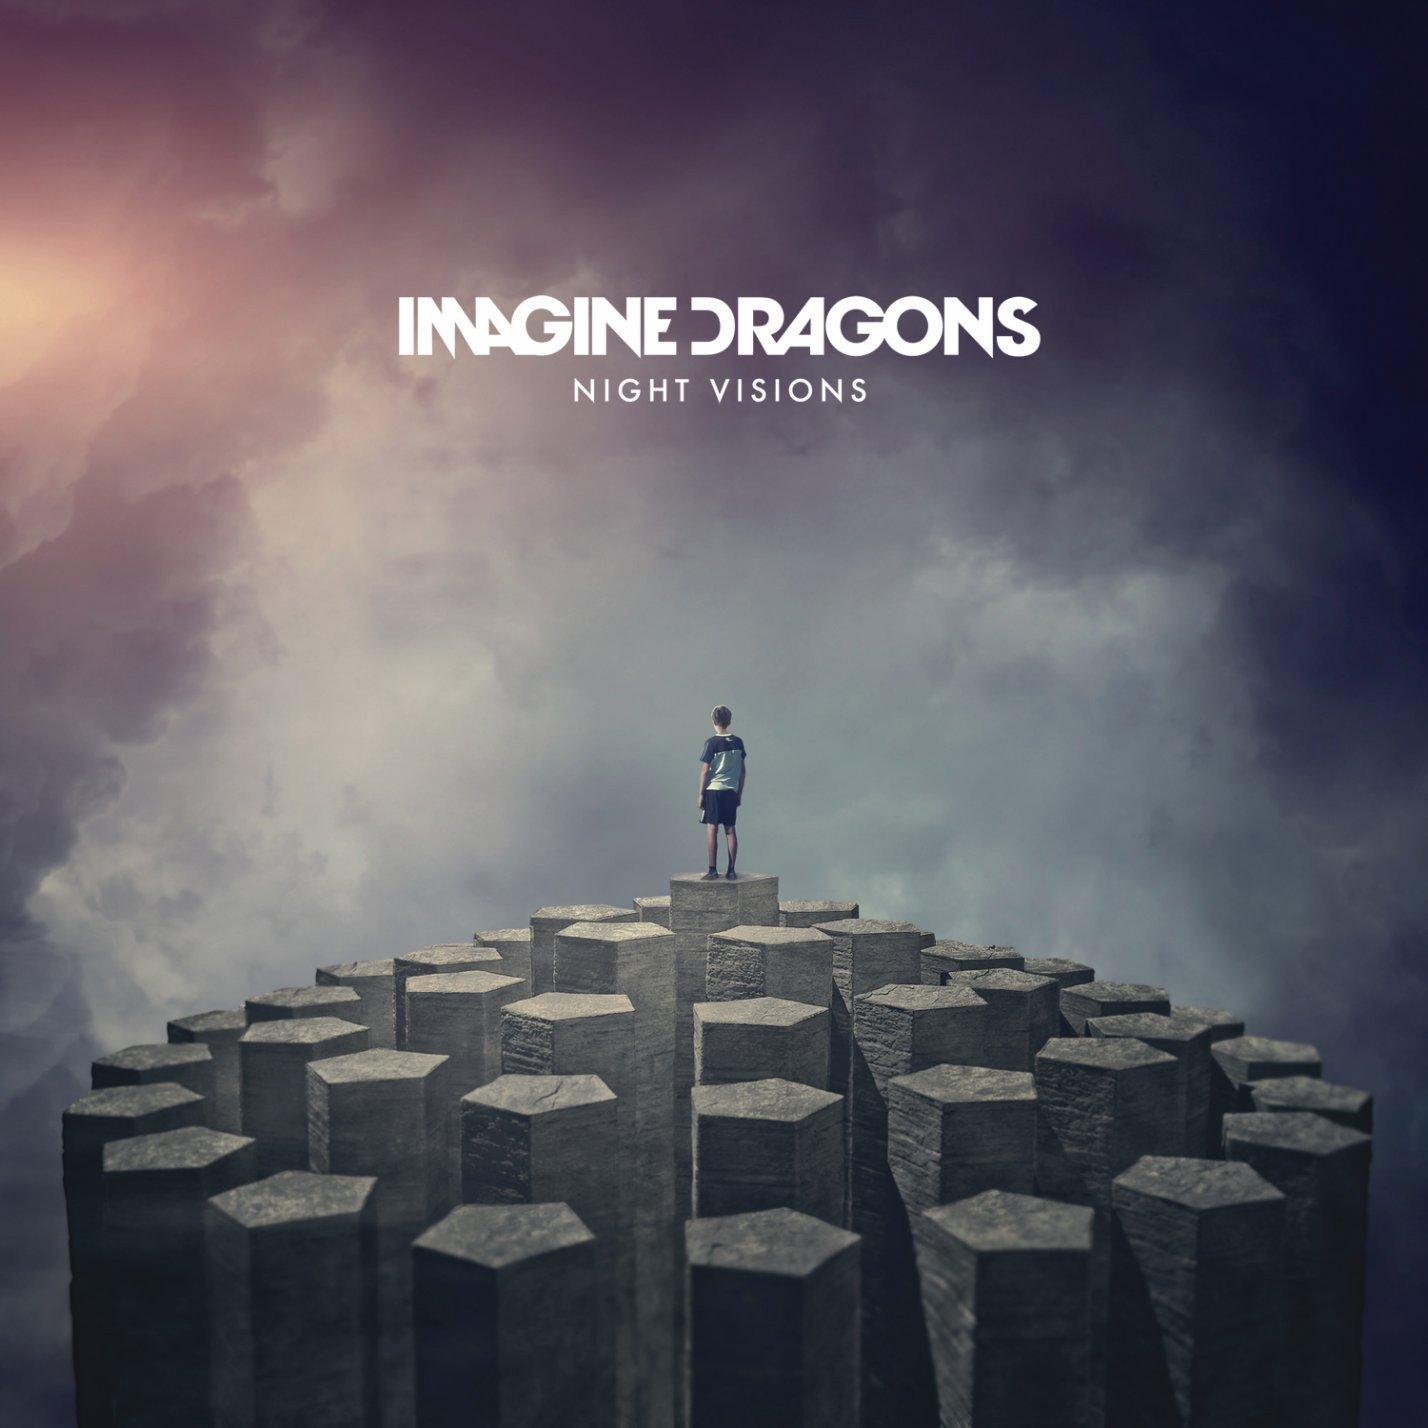 Resultado de imagen de imagine dragons night visions